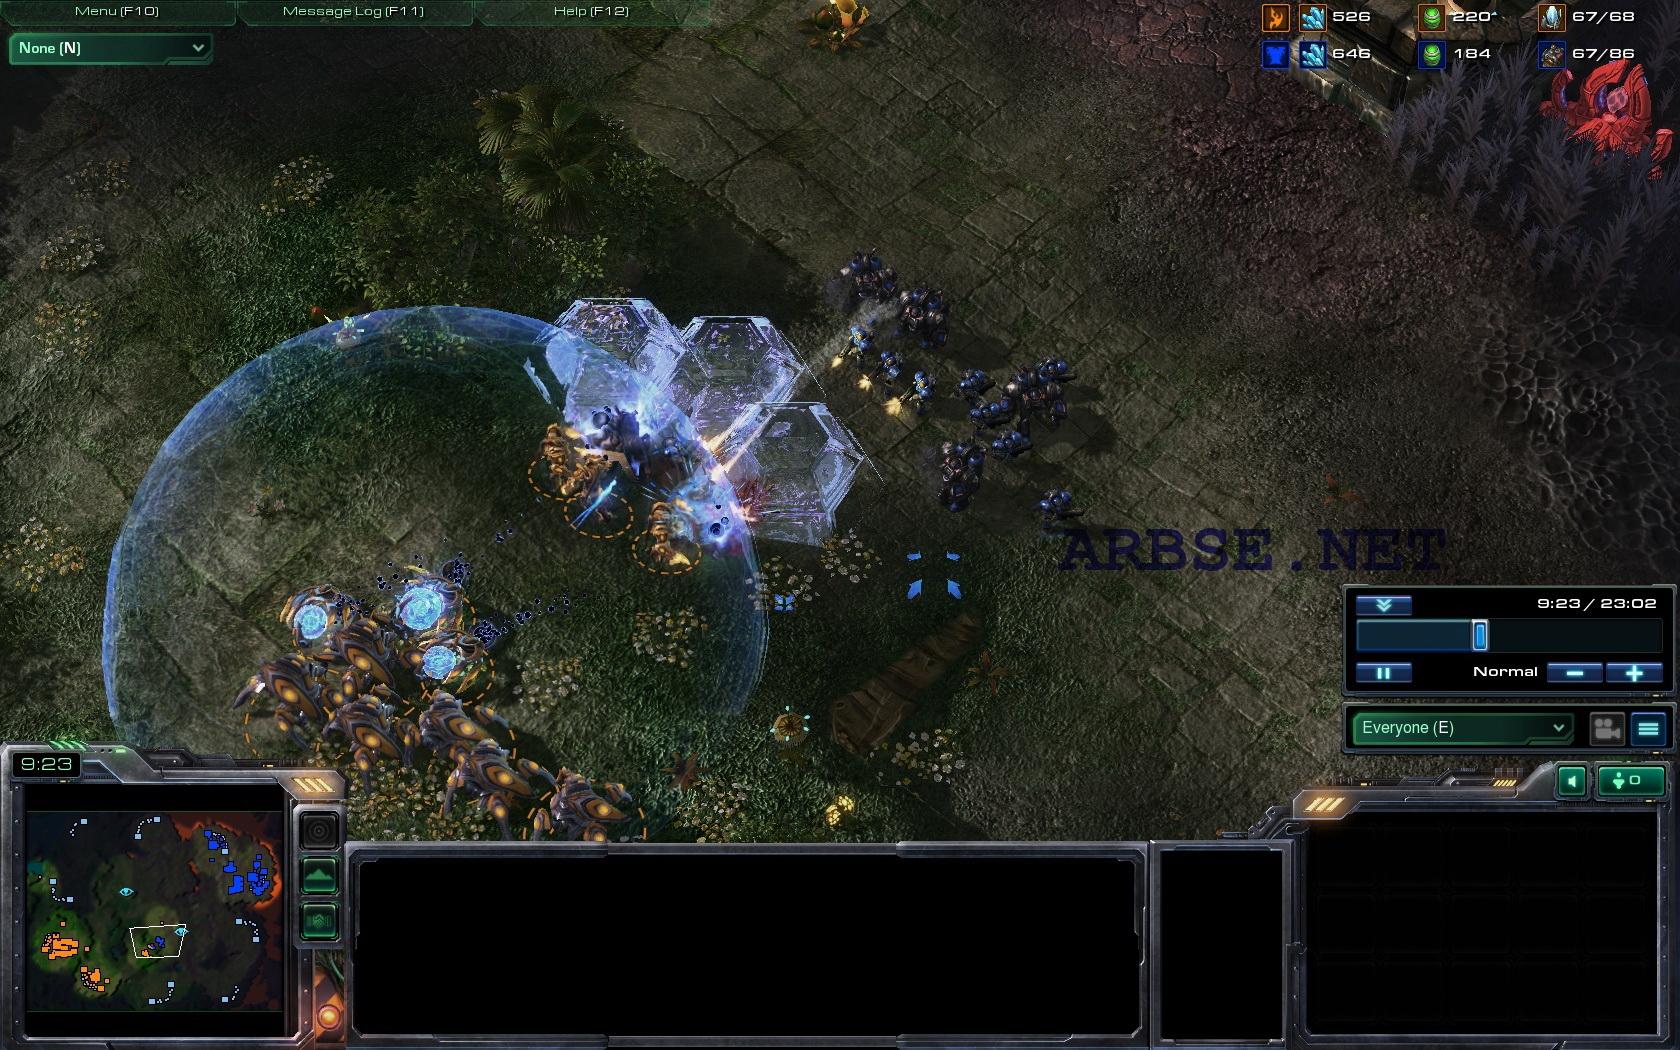 Скачать новые игры на компьютер онлайн